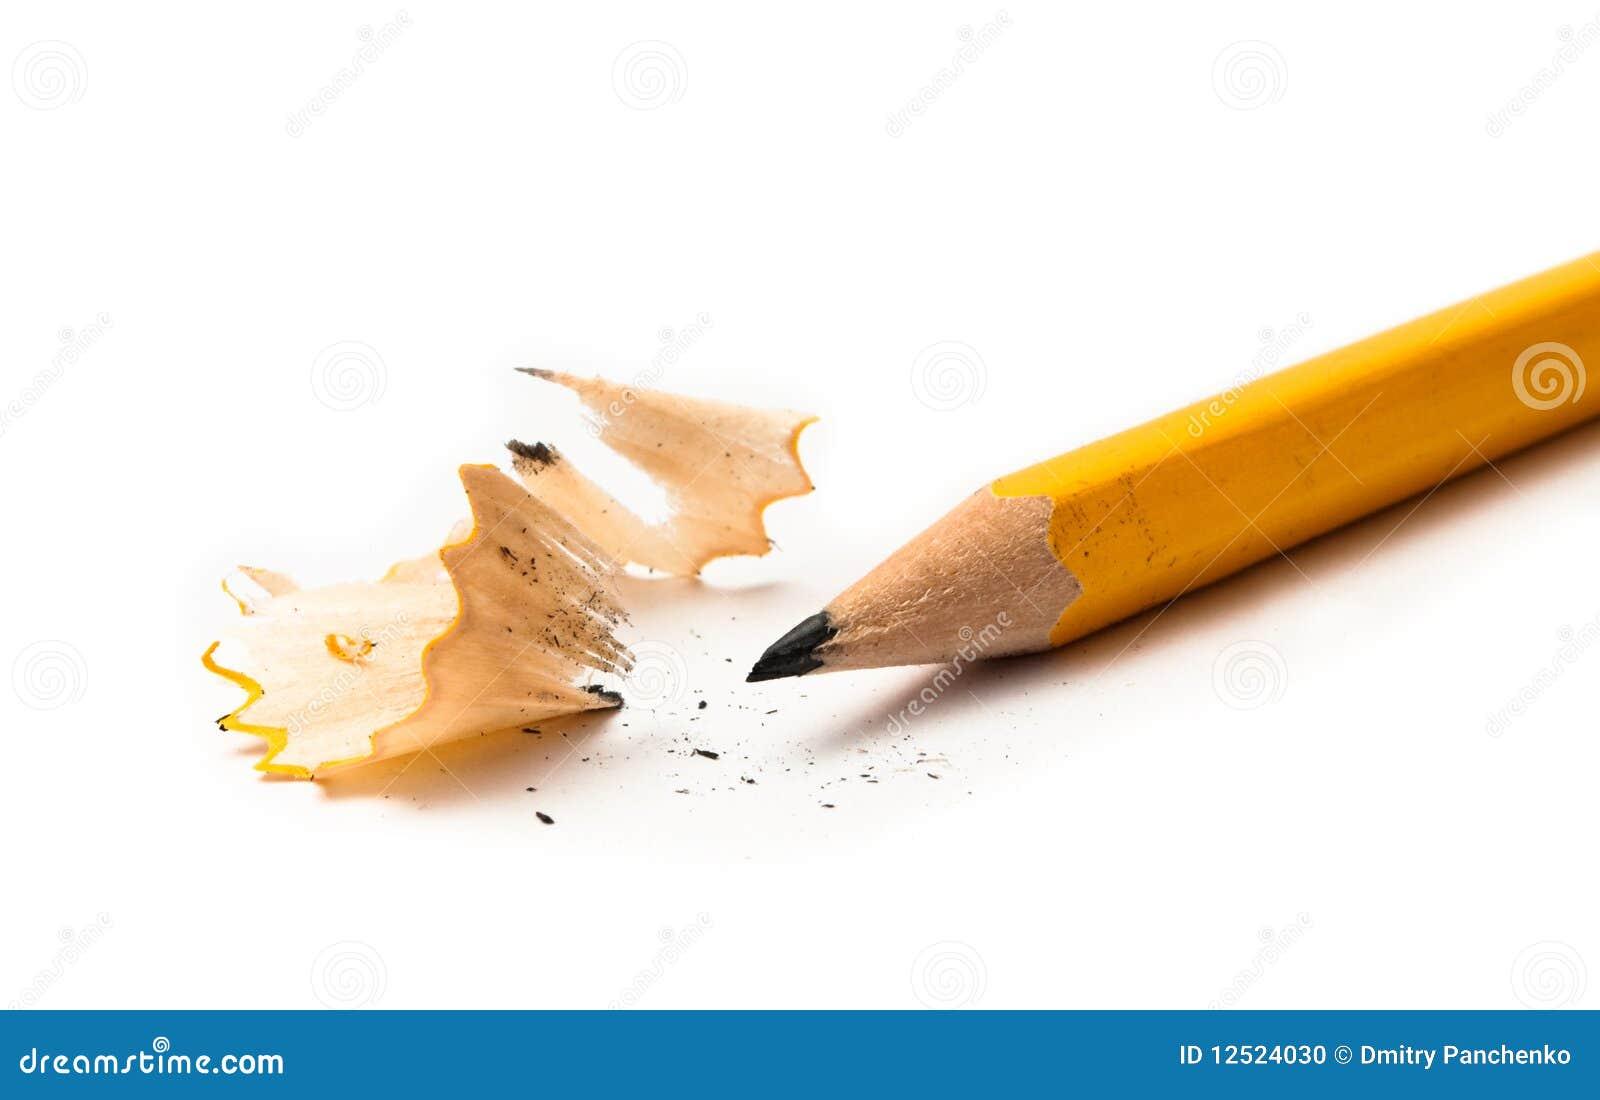 Lápis amarelo afiado